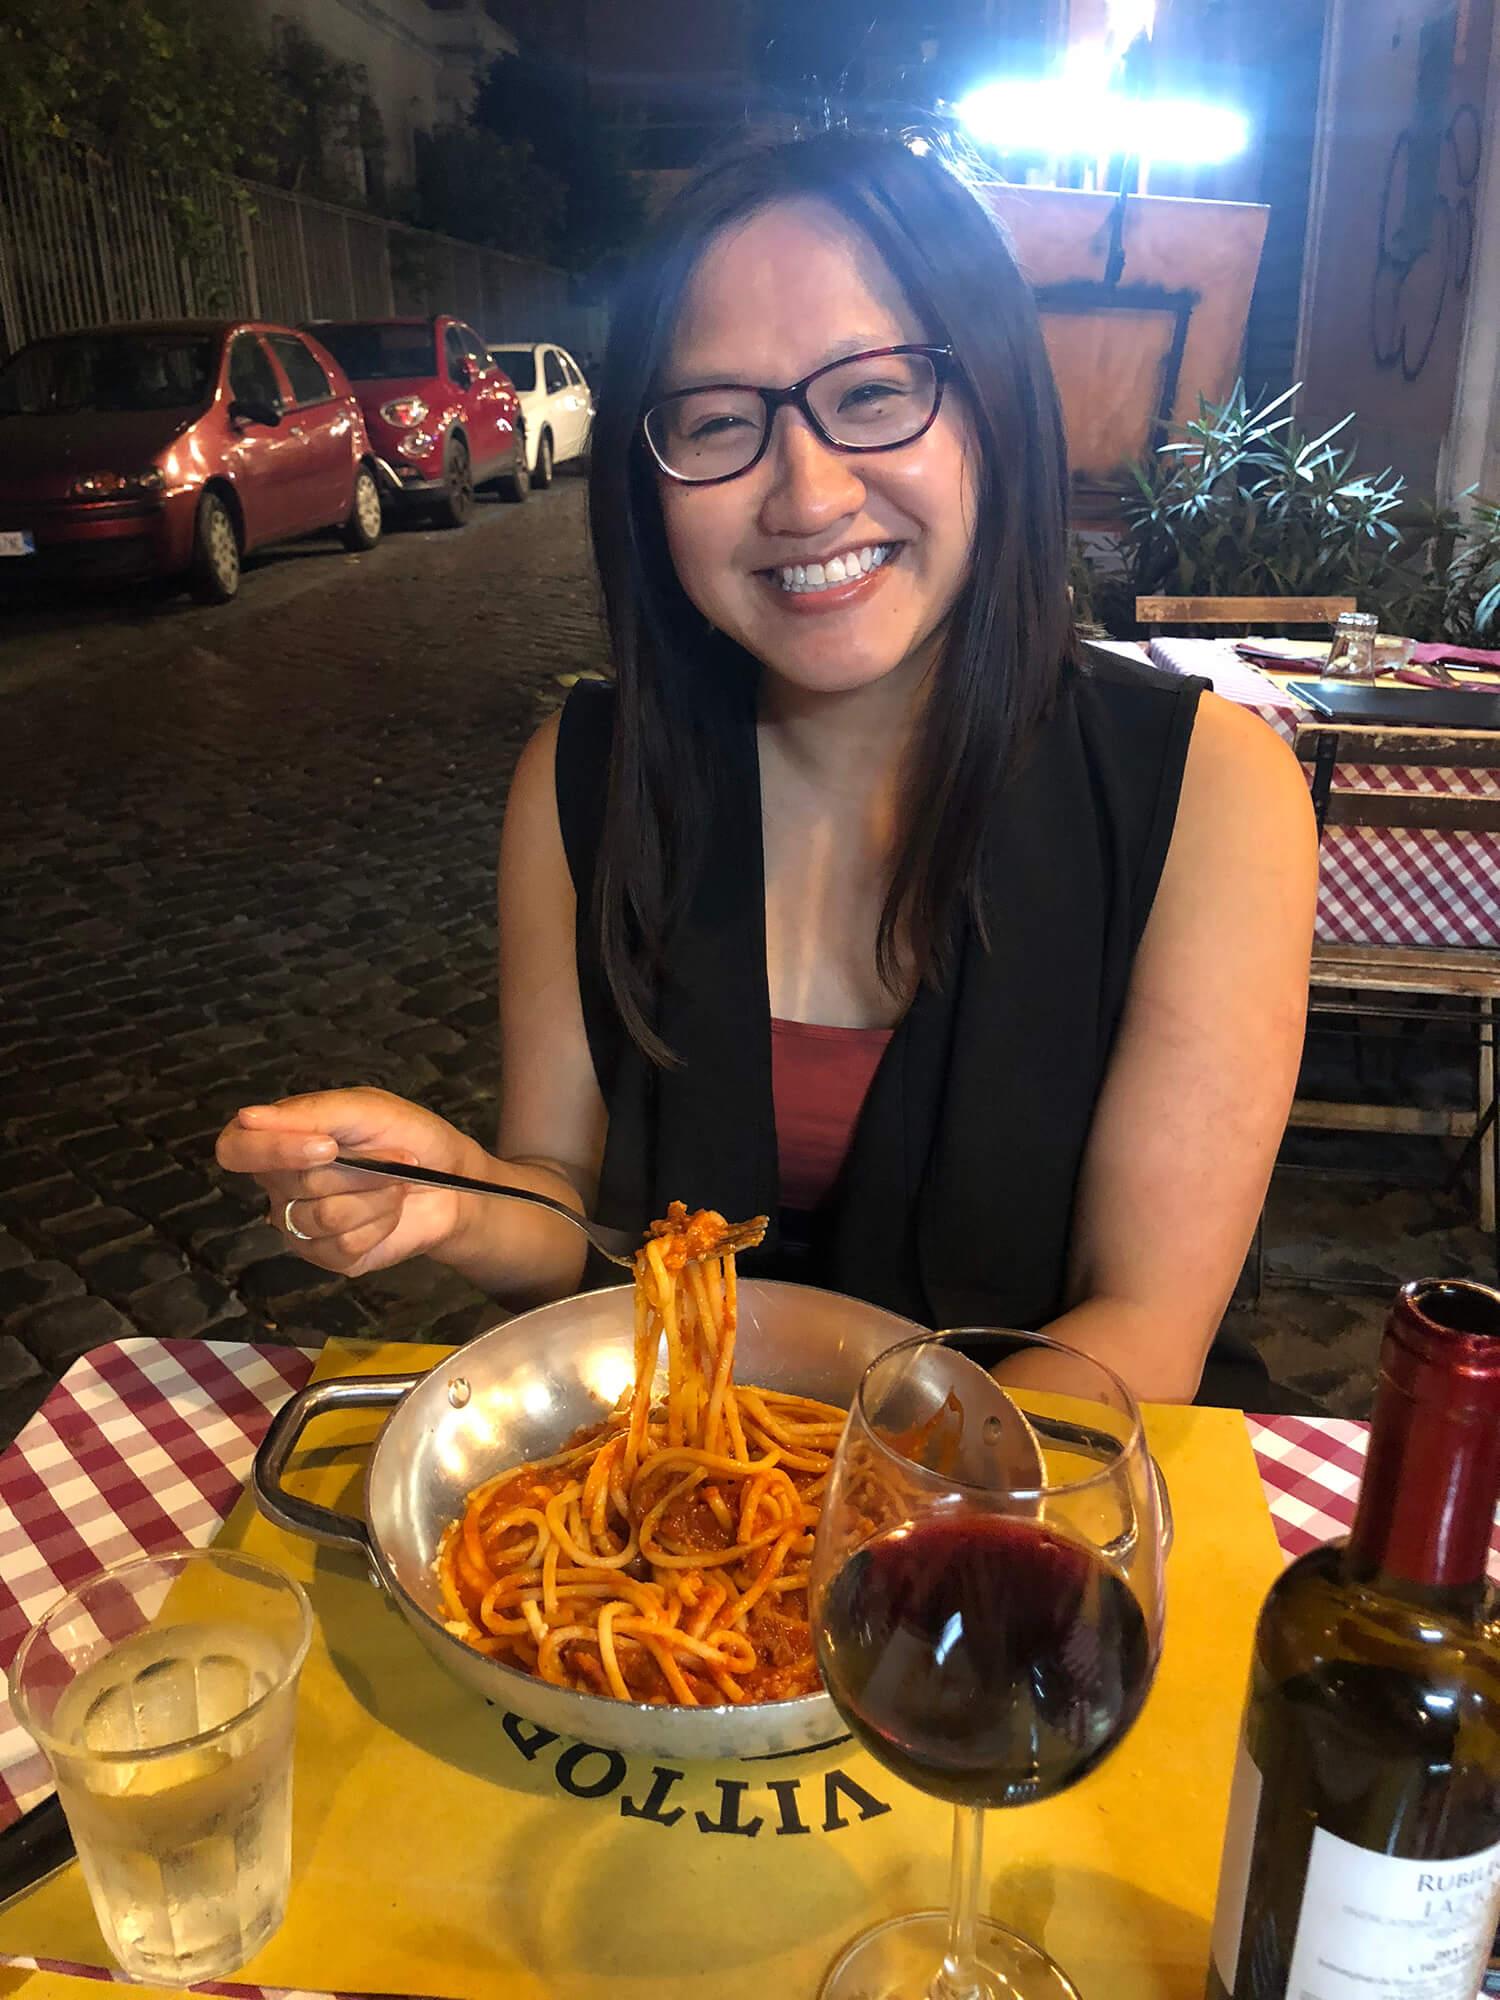 Bucatini all Amatriciana pasta - Rome Italy - Travel - Food